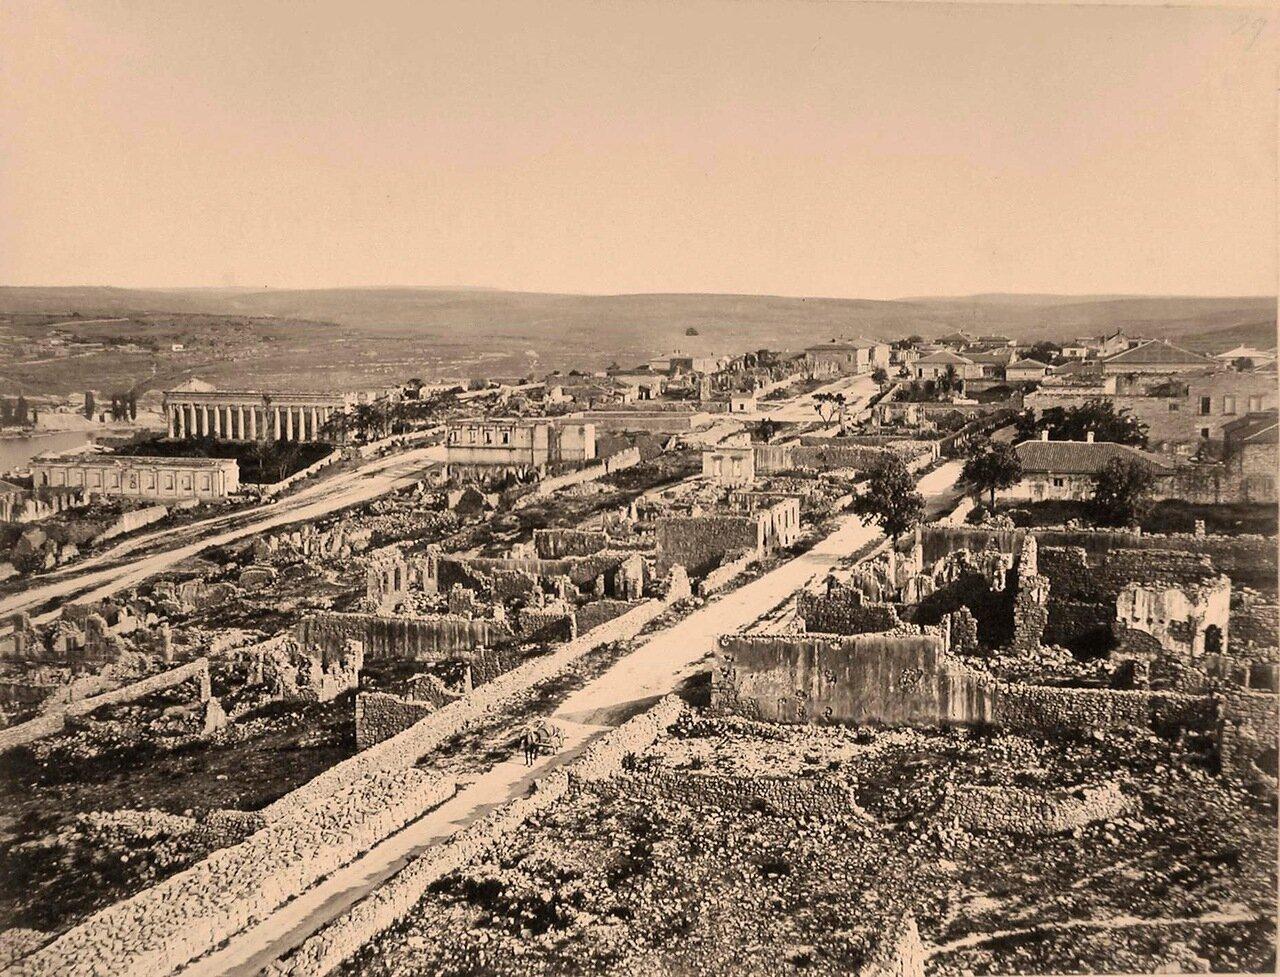 28. Панорама одного из районов города, разрушенного во время Крымской войны; слева на втором плане - собор Свв. Апп. Петра и Павла. 1875